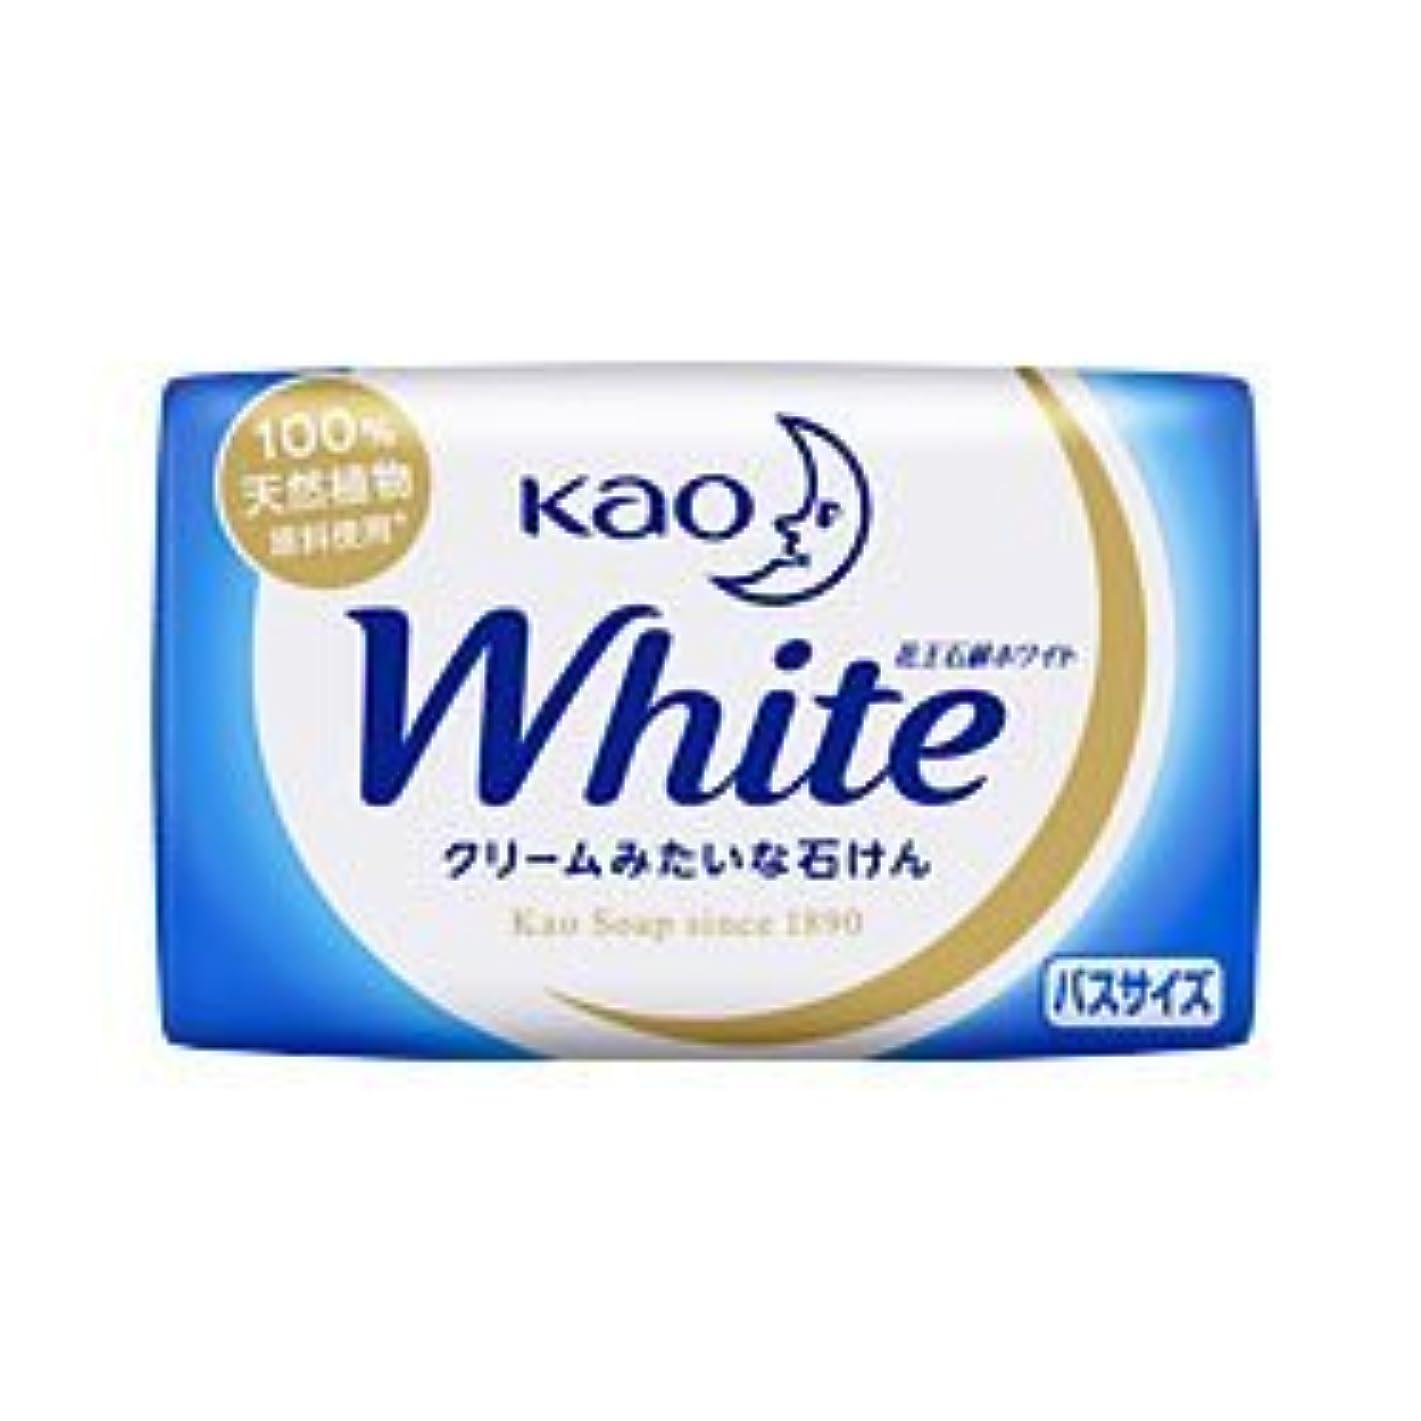 物理的に少なくともダッシュ【花王】花王ホワイト バスサイズ 1個 130g ×20個セット